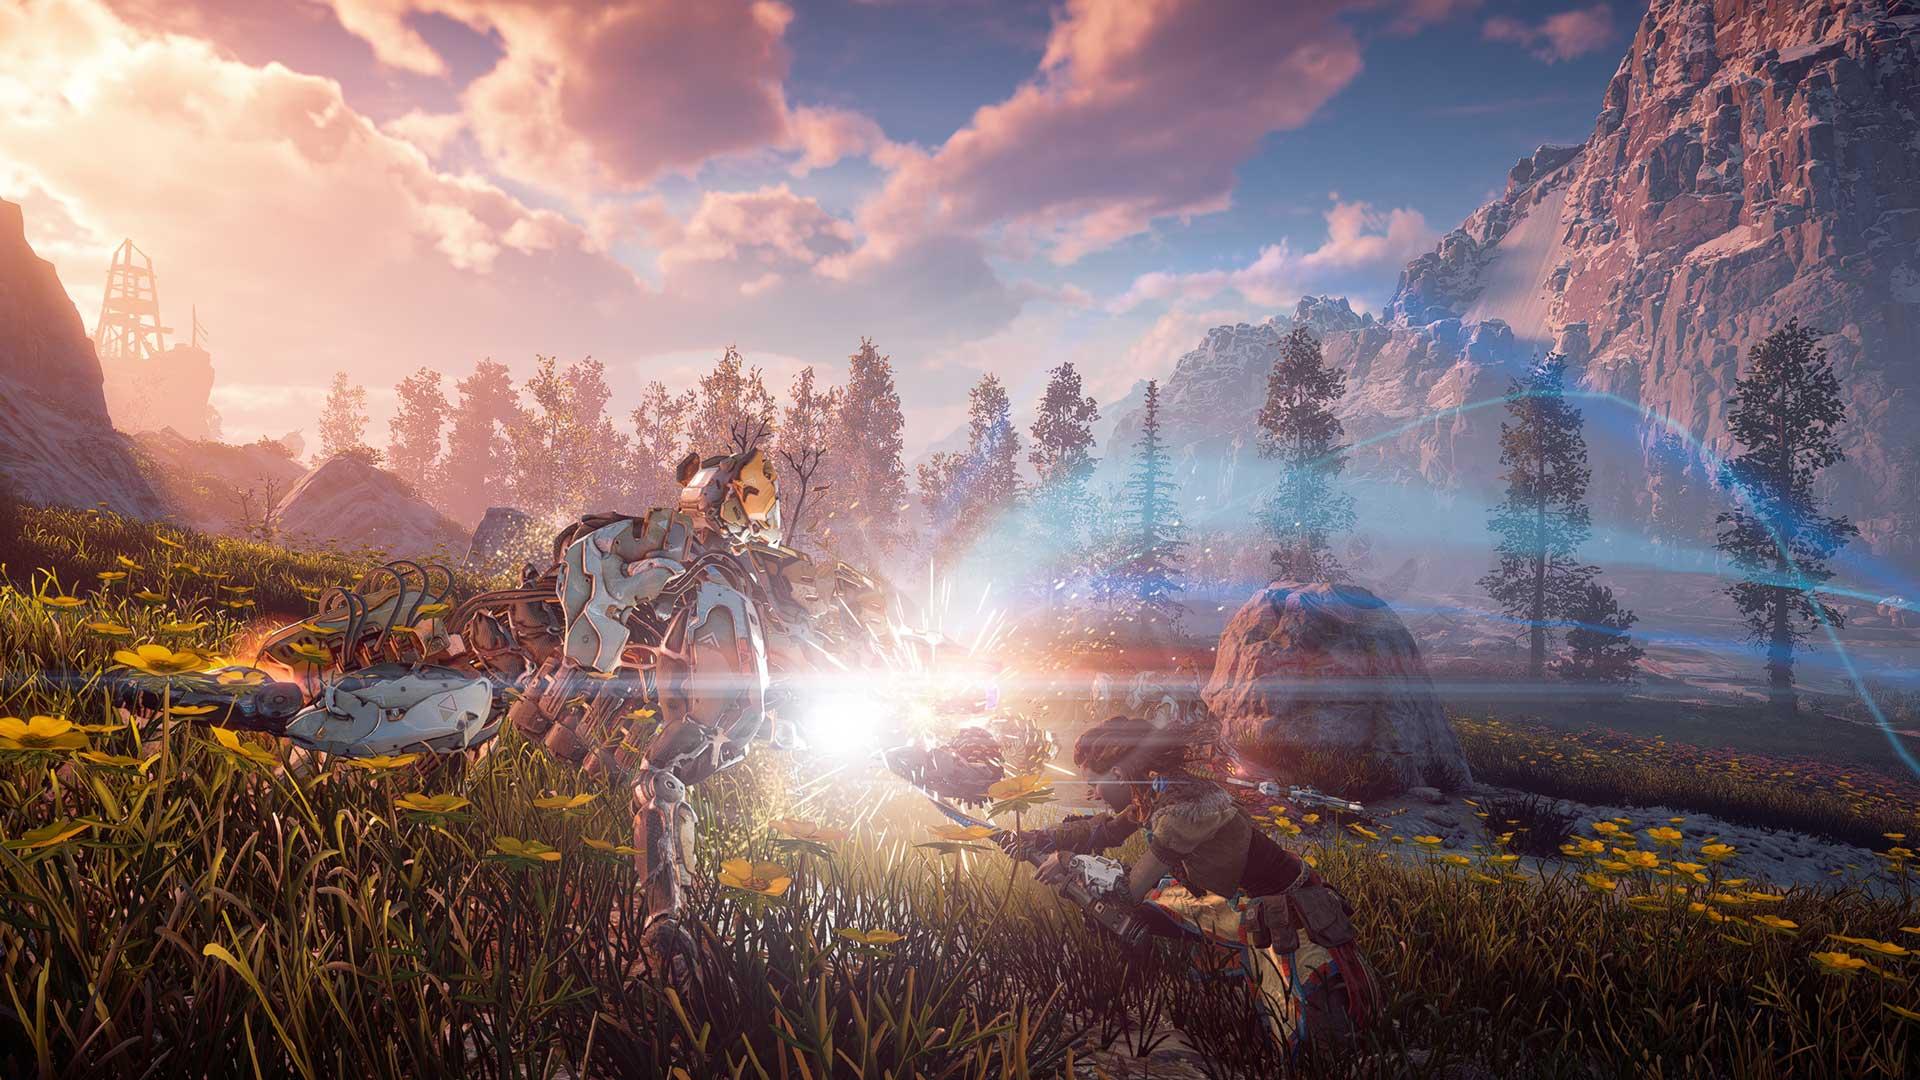 Horizon Zero Dawn - Complete Edition PC Review